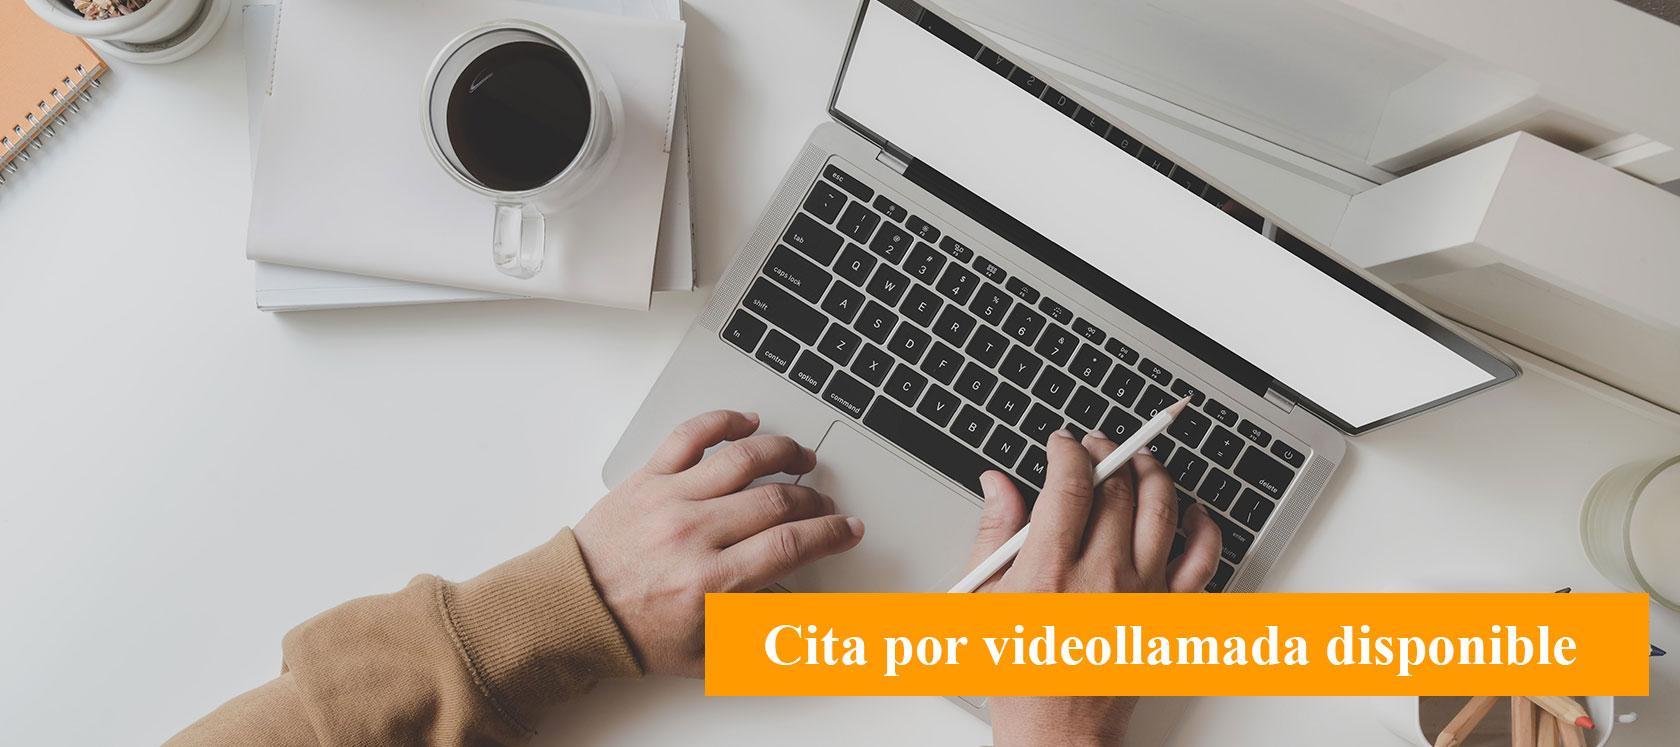 Malaga - obra nueva Célere Vega